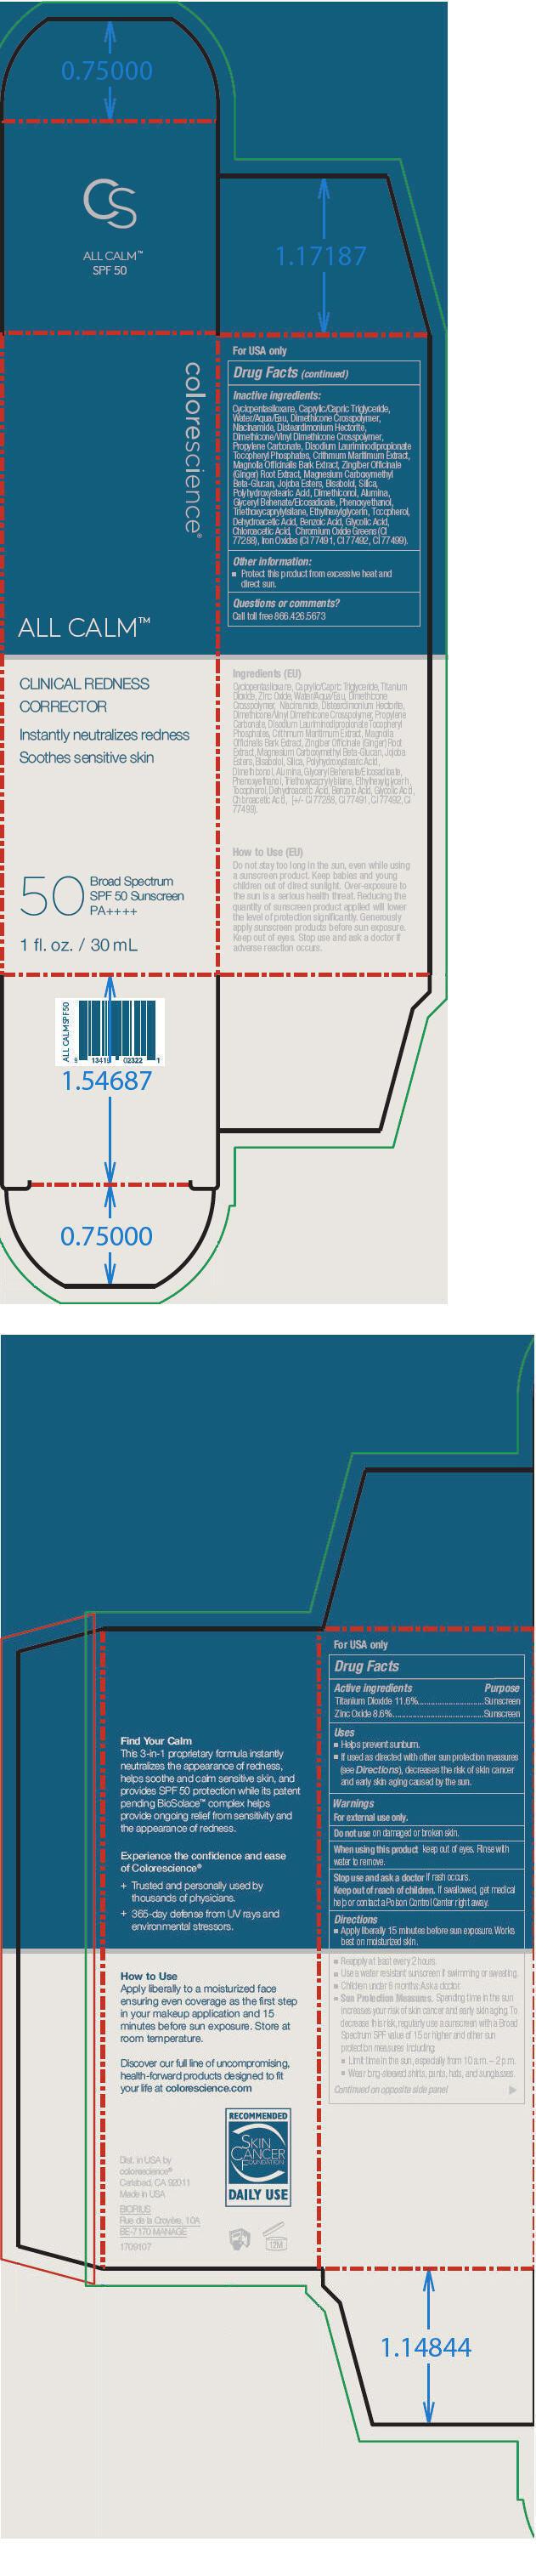 PRINCIPAL DISPLAY PANEL - 30 mL Tube Carton